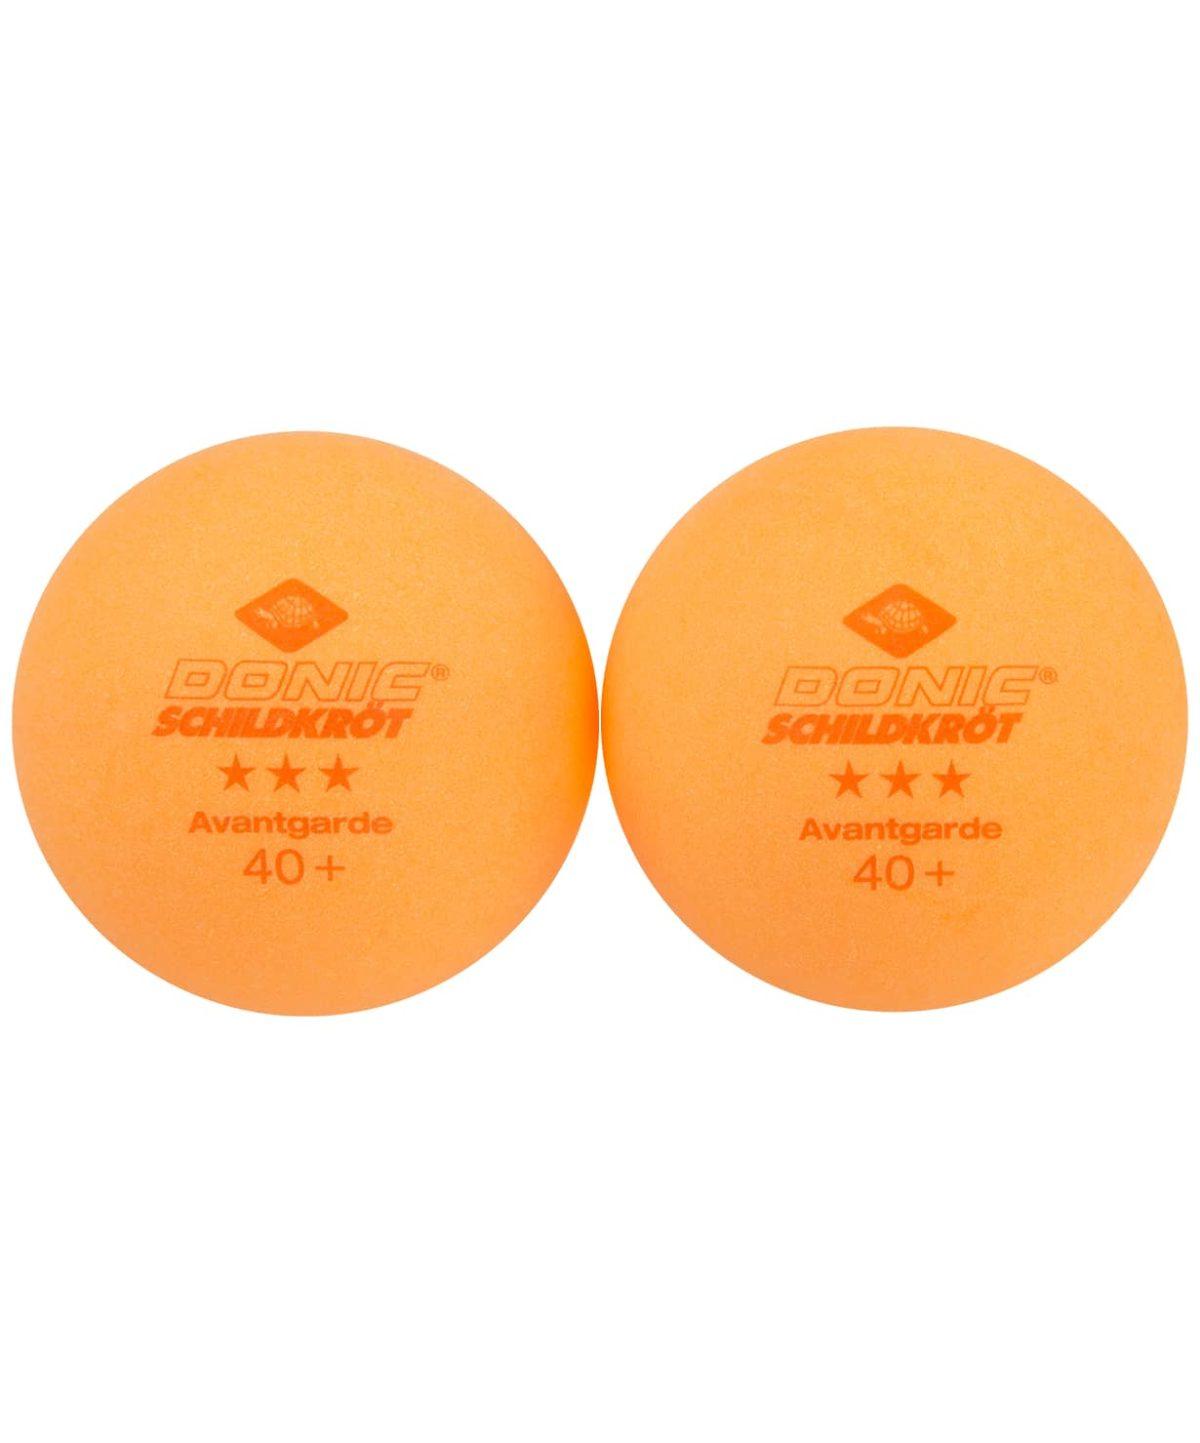 DONIC Schildkroet Avantgarde 3*** Мяч для настольного тенниса  608530: оранжевый - 2